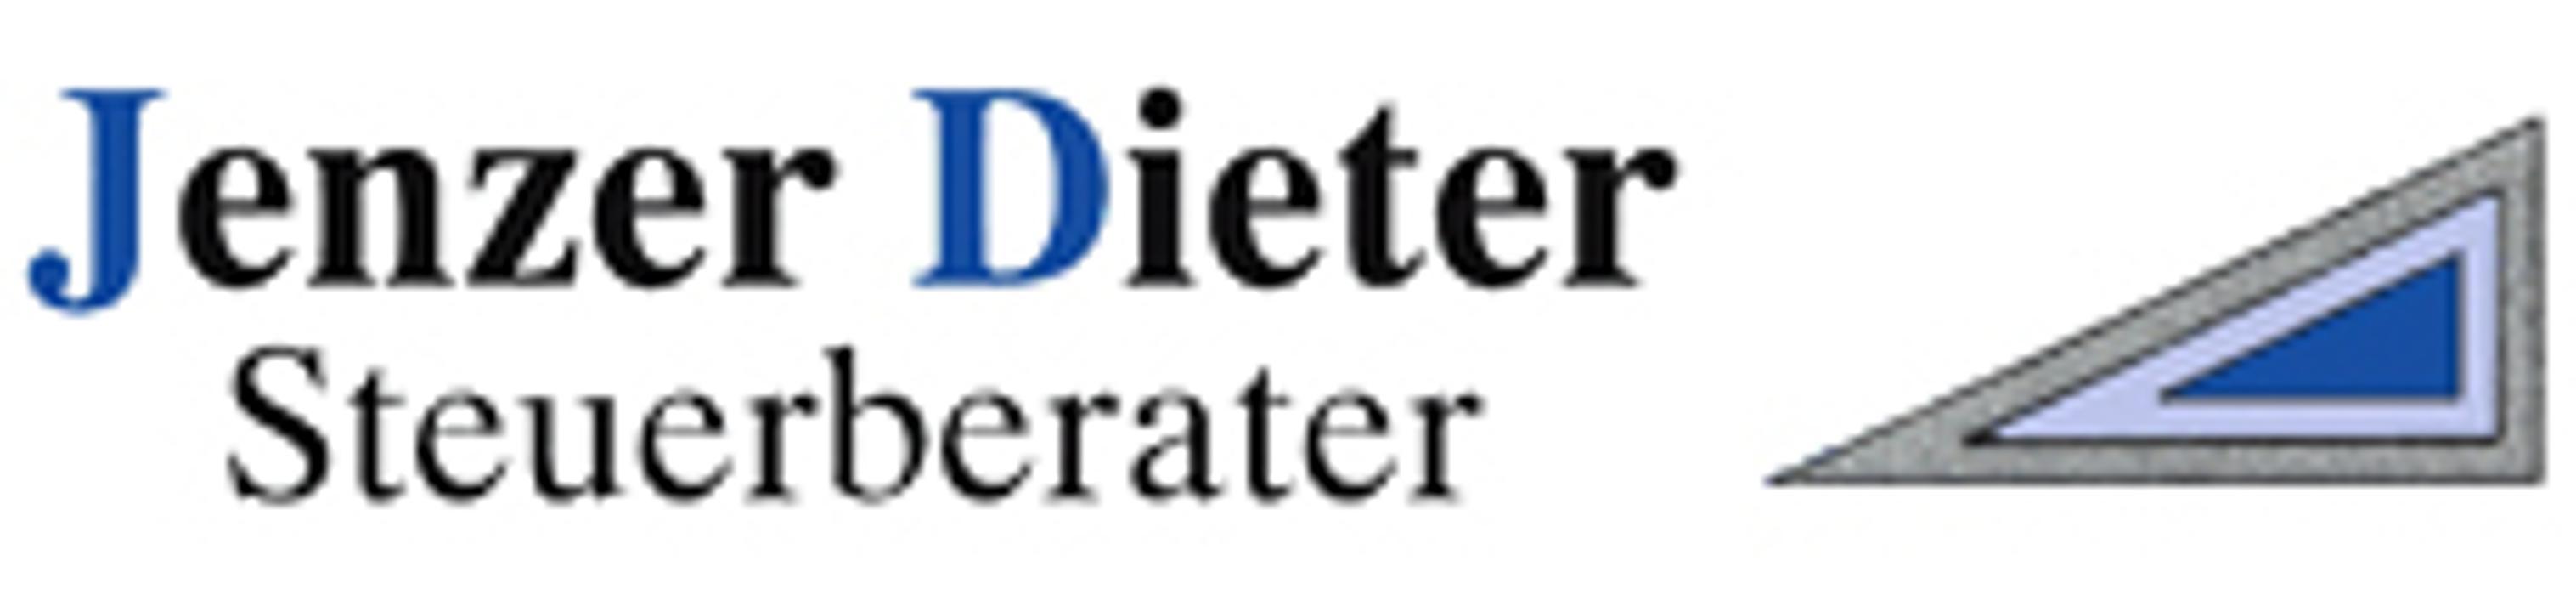 Bild zu Dieter Jenzer Steuerberater in Saarbrücken